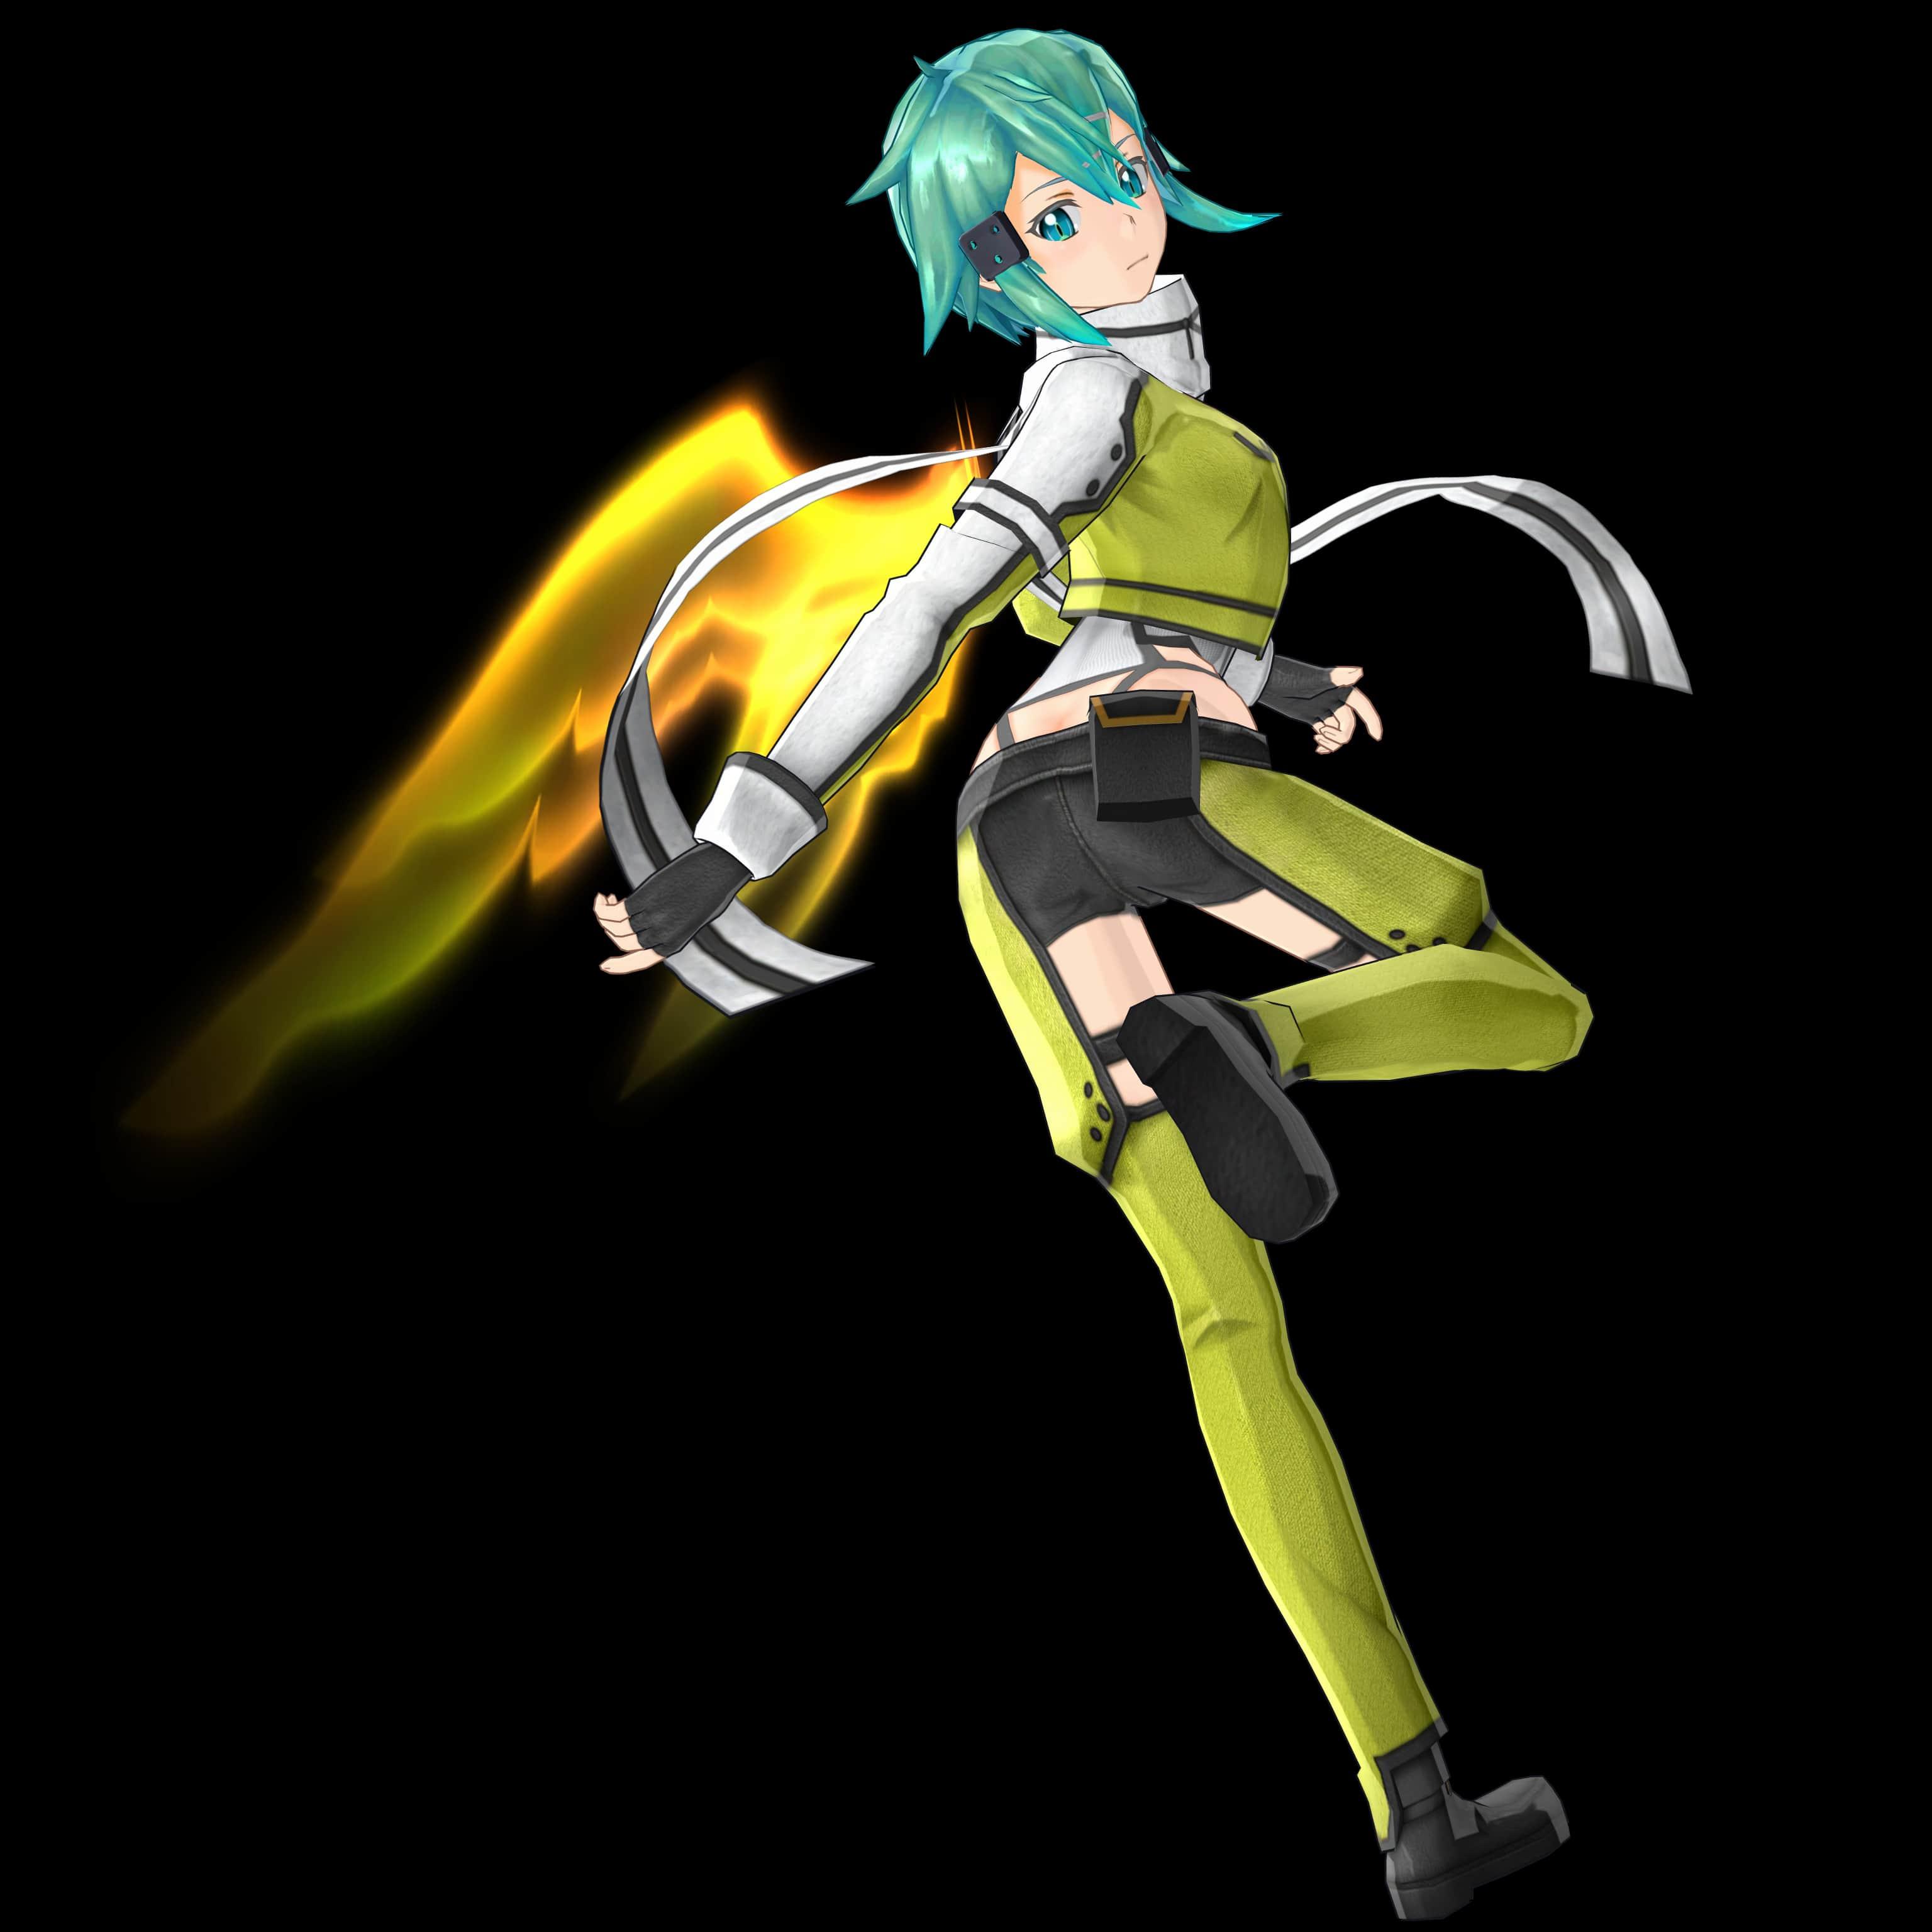 V červenci se spojí svět Accel Worldu a série Sword Art Online 144084